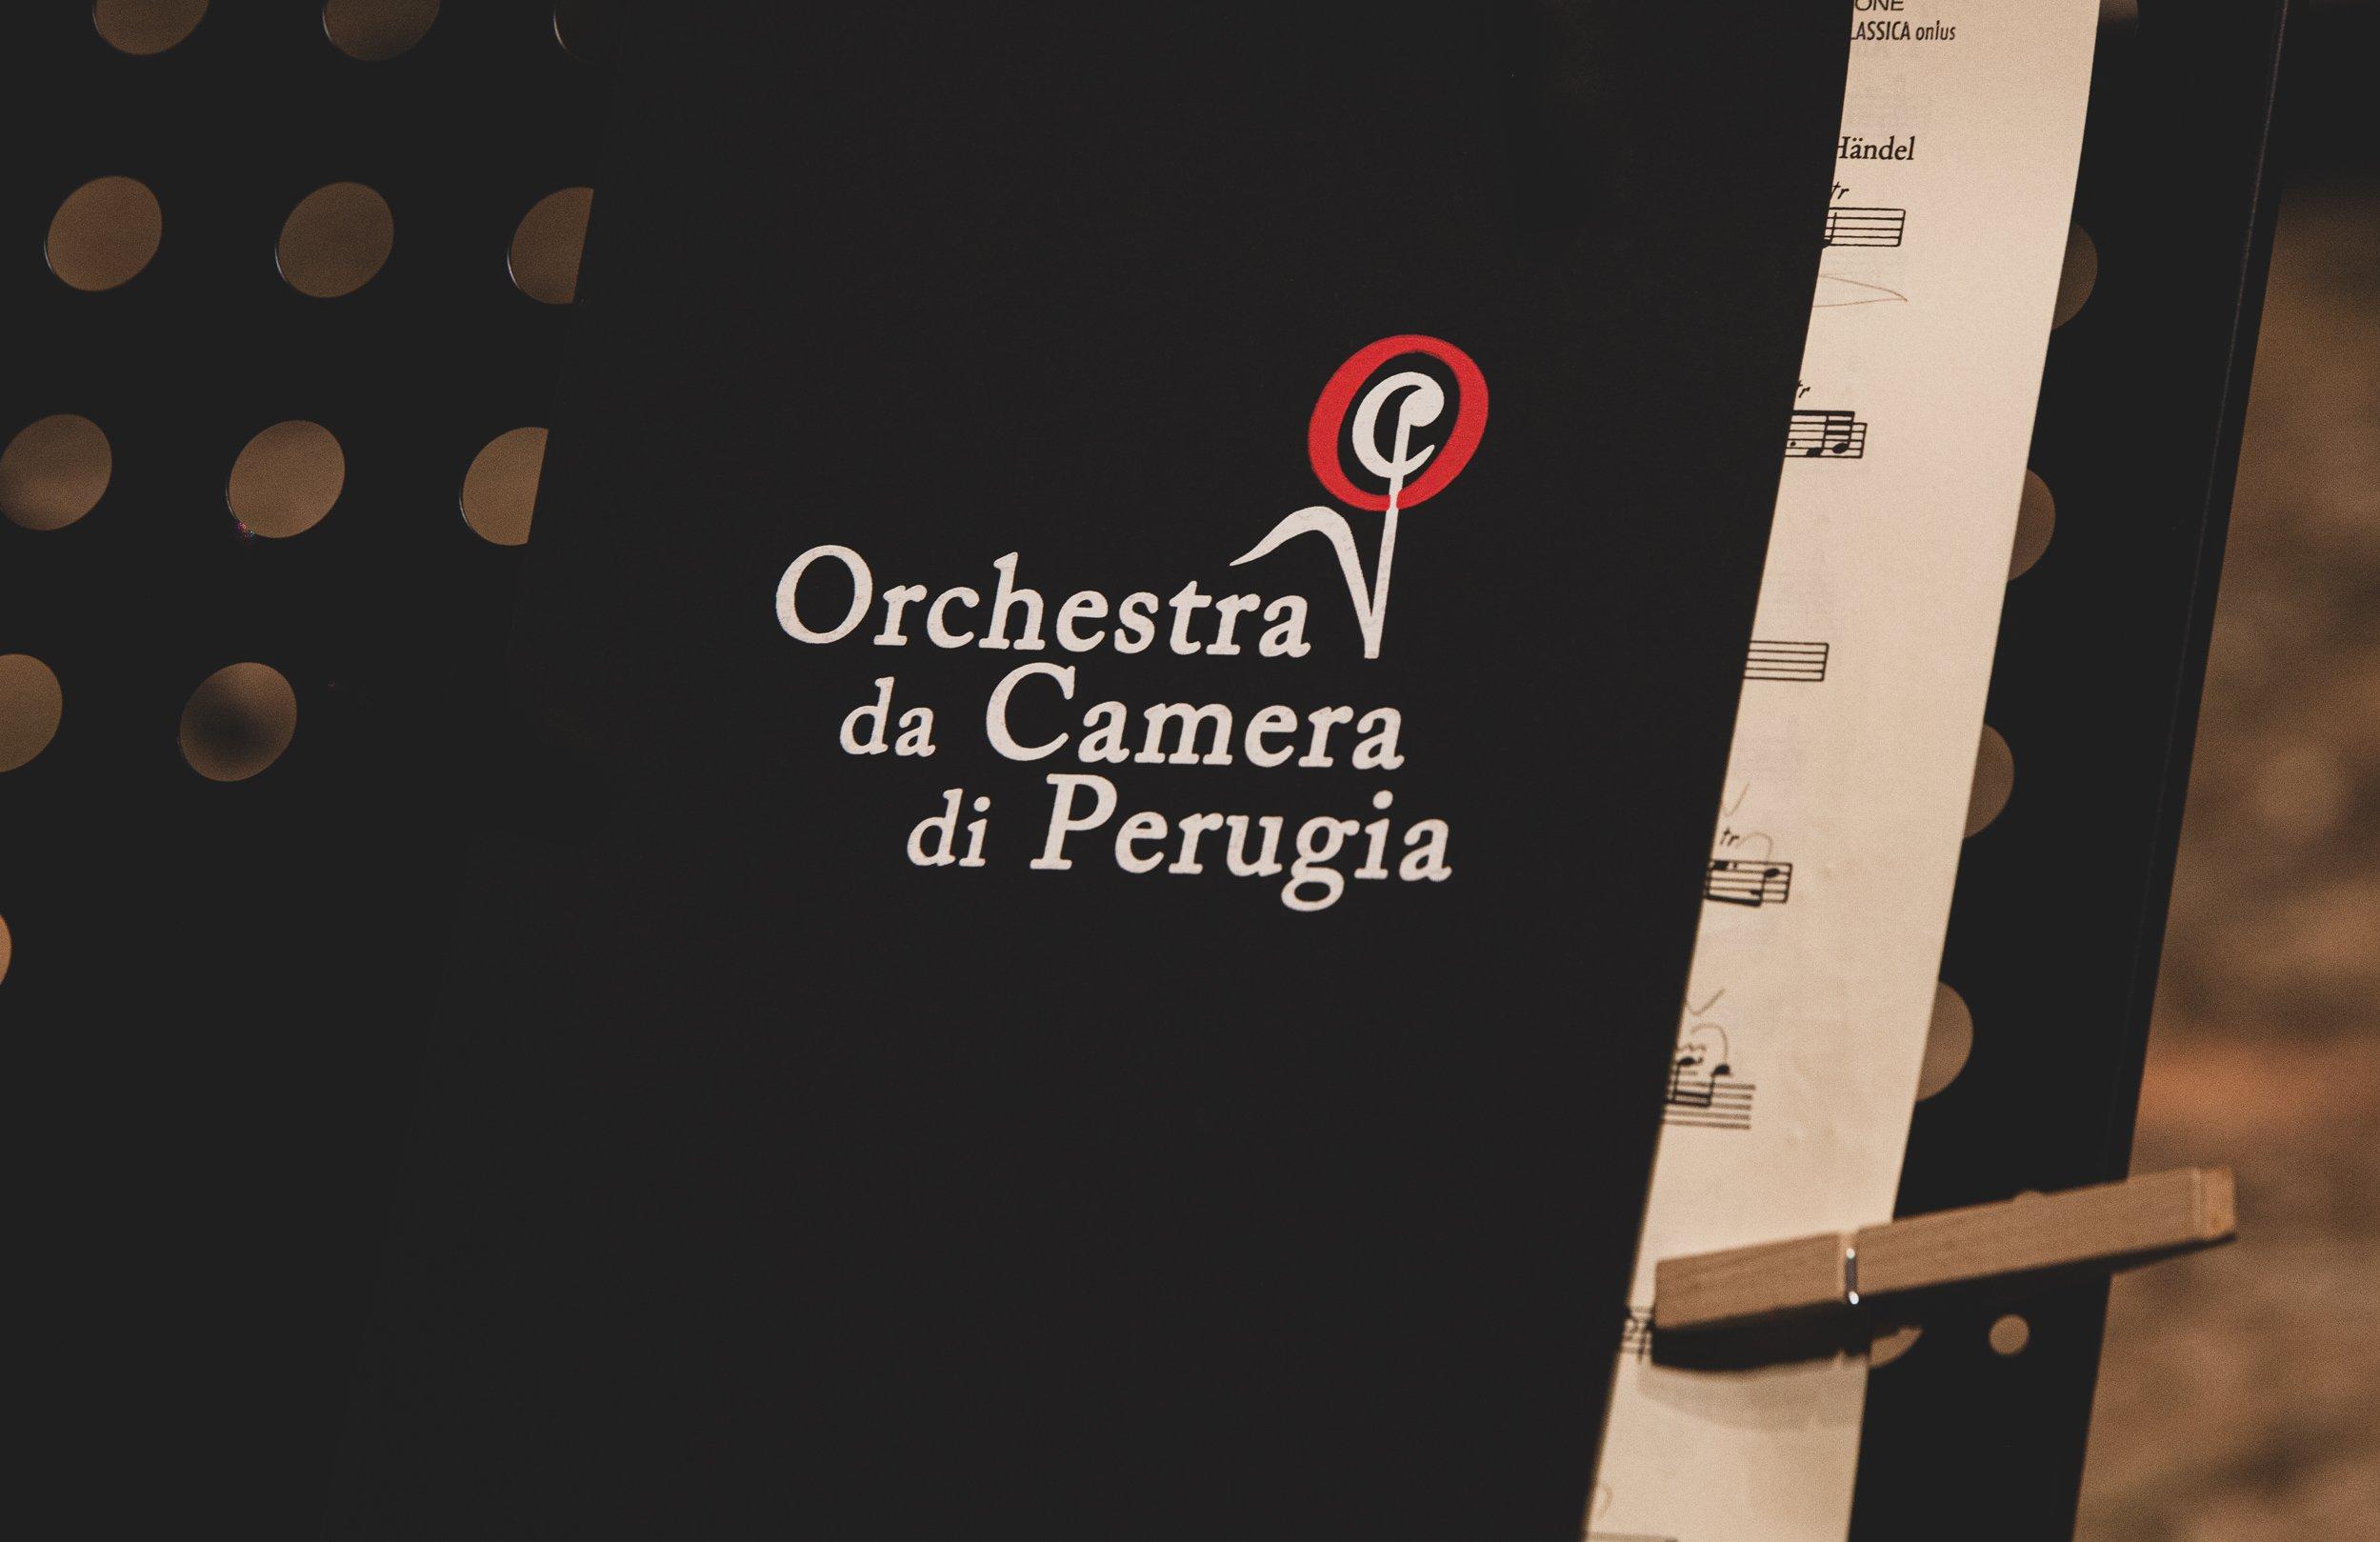 Sagra Musicale Umbra 2020 - orchestra da camera di Perugia